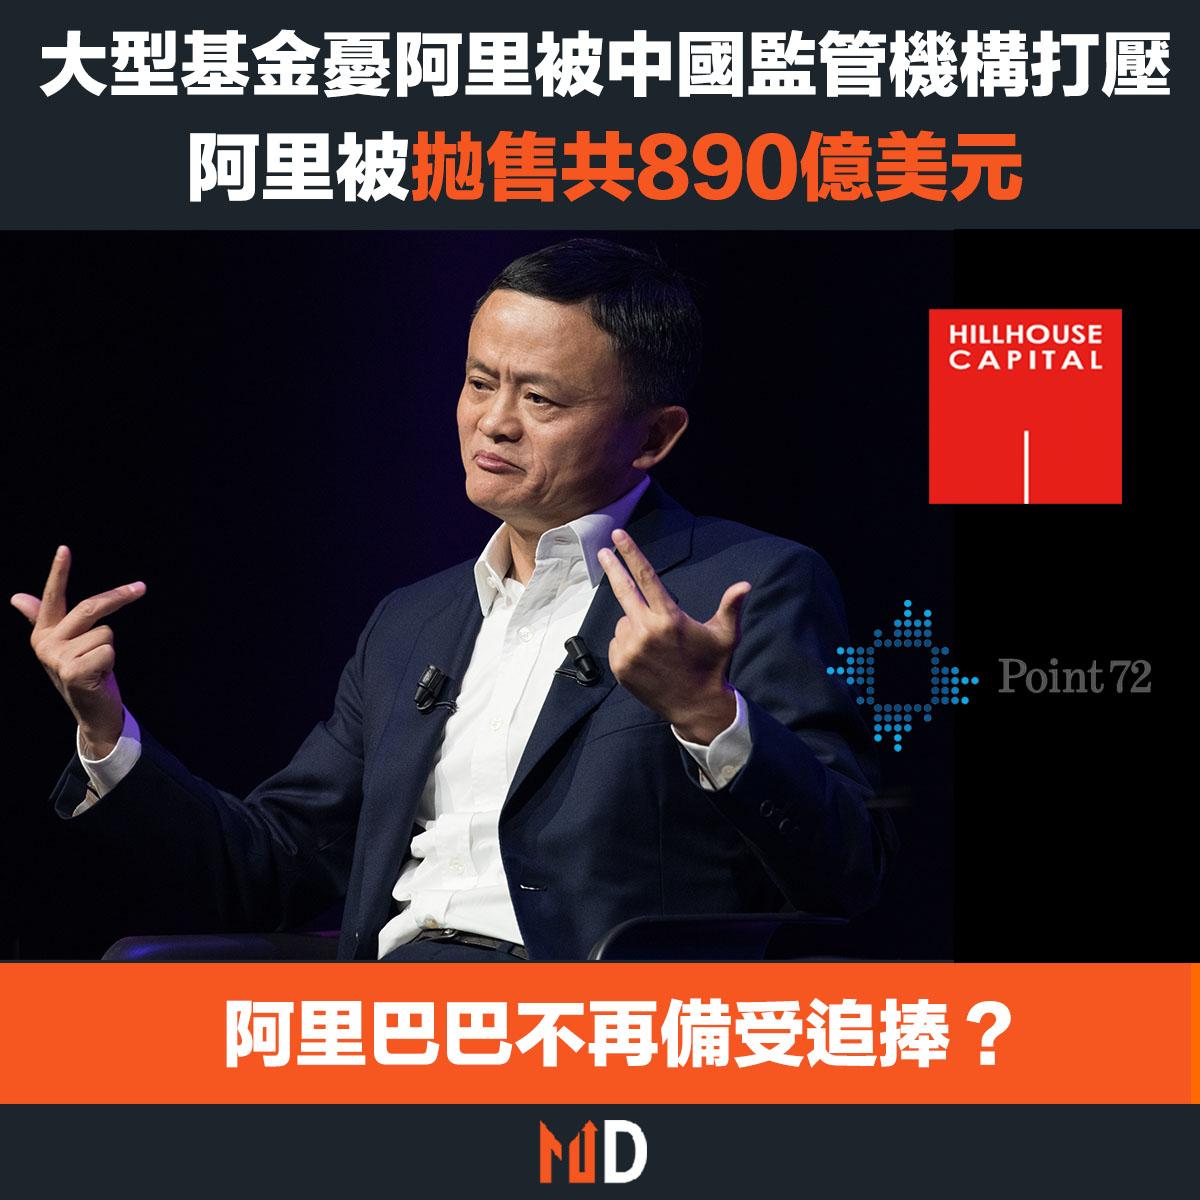 【市場熱話】阿里被Point72、高瓴等基金拋售,投資者憂其被中國監管機構打壓